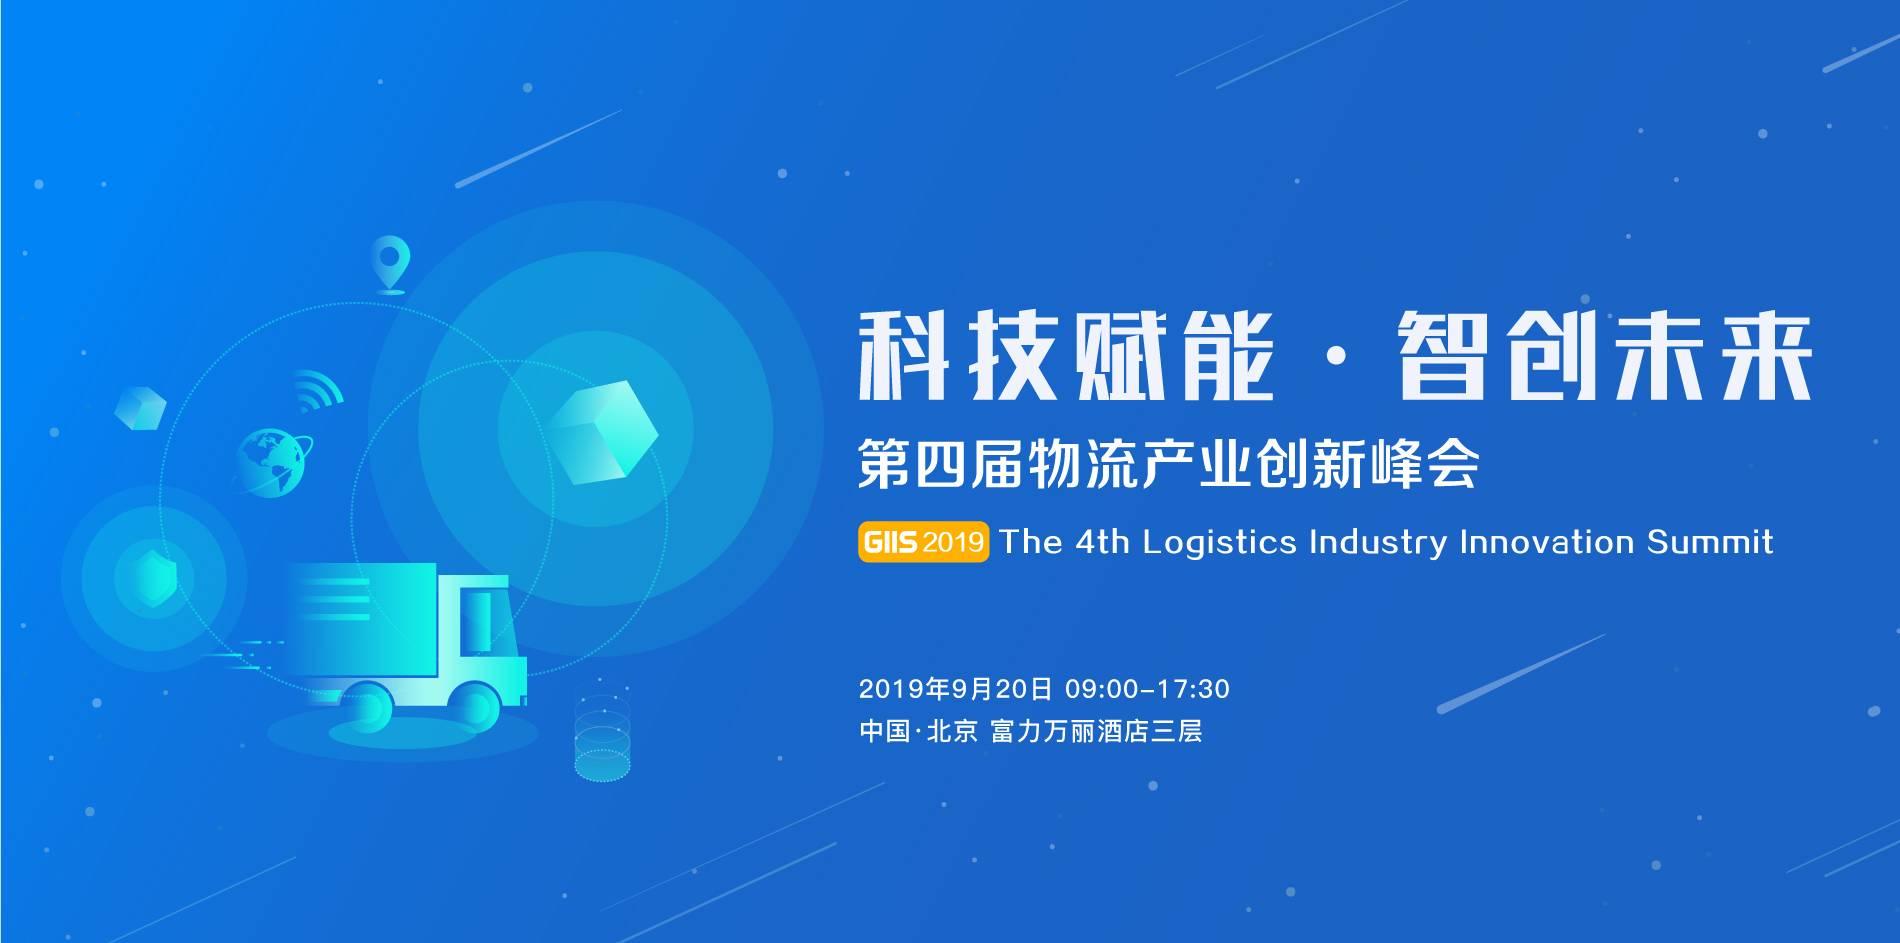 【活动】科技赋能 智创未来 GIIS2019 第四届物流科技产业创新峰会-春秋娱乐